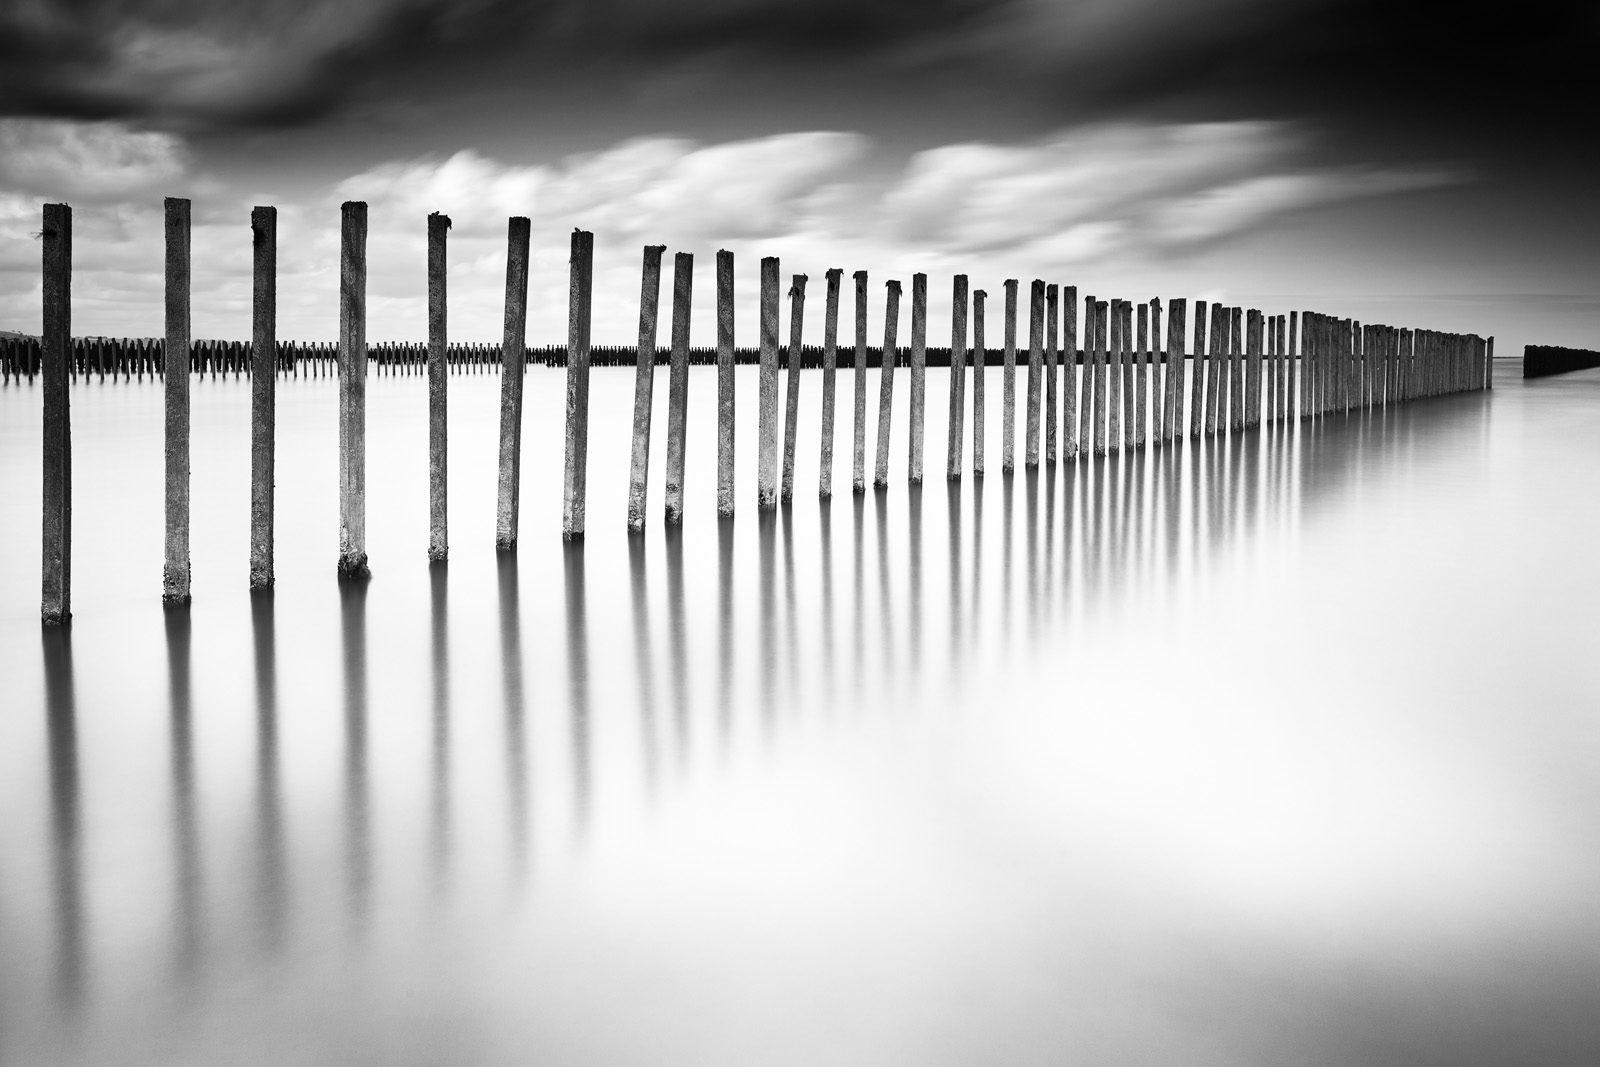 Paysage marin en noir et blanc et pose longue présentant une perspective de piquets de bouchots dans l'eau. Photographie réalisée par le photographe Pierre-Louis Ferrer, spécialiste en photographie dans l'ultraviolet et l'infrarouge.